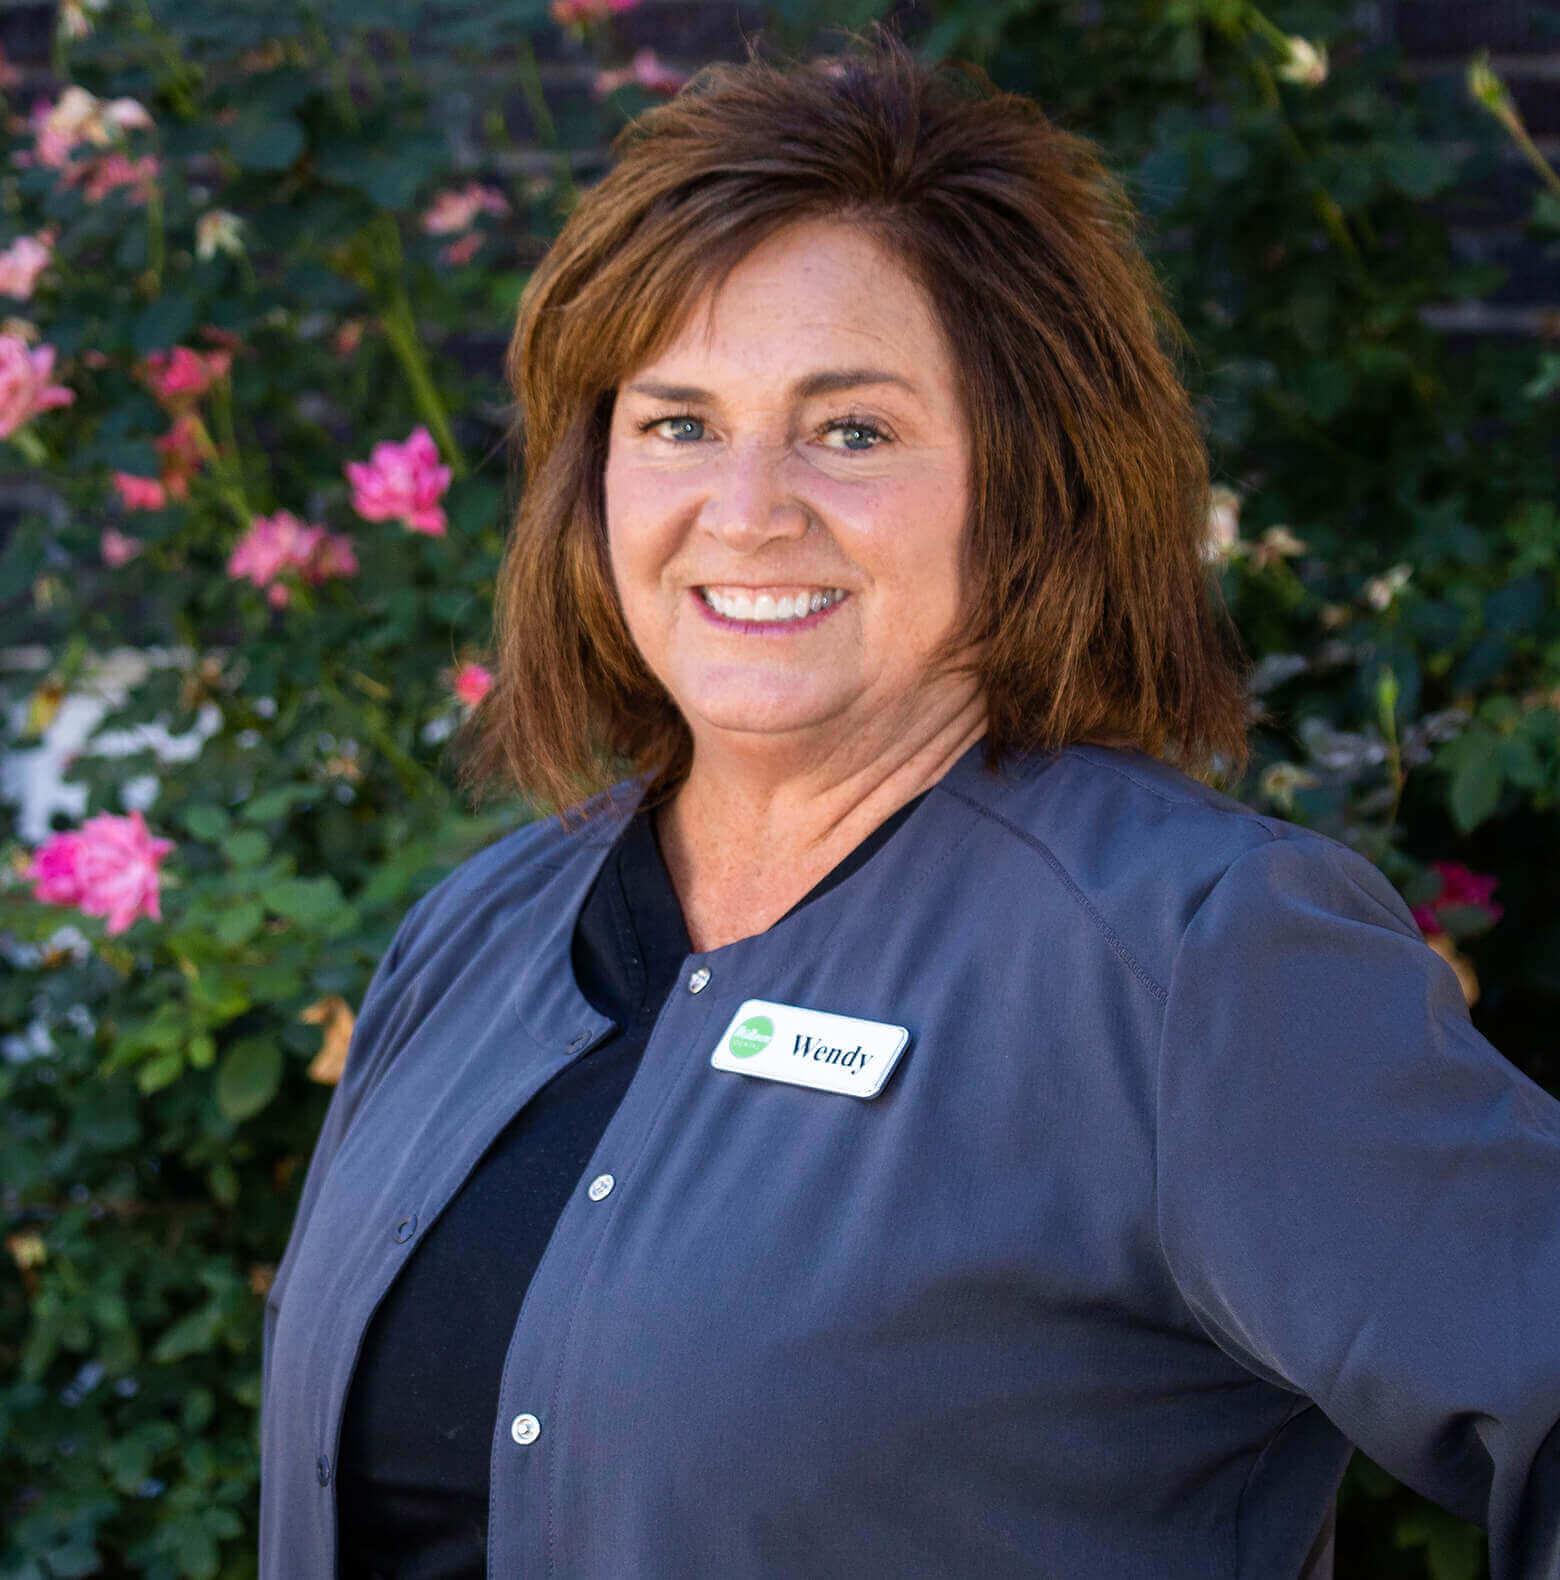 Wendy, team member at Midtown Dental